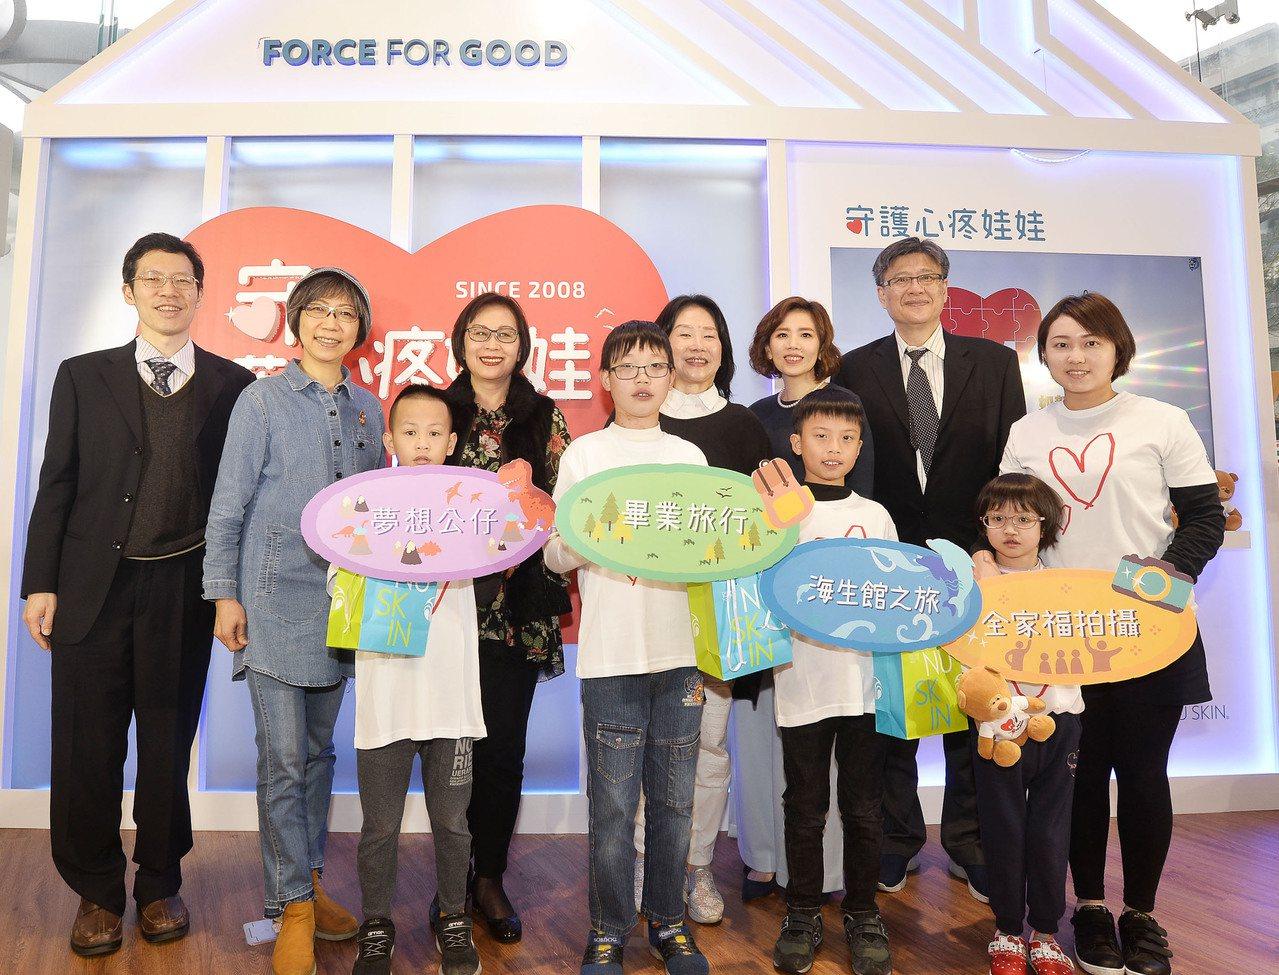 中華民國心臟病兒童基金會與NU_SKIN如新攜手防治兒童先天性心臟病十一年,今天...